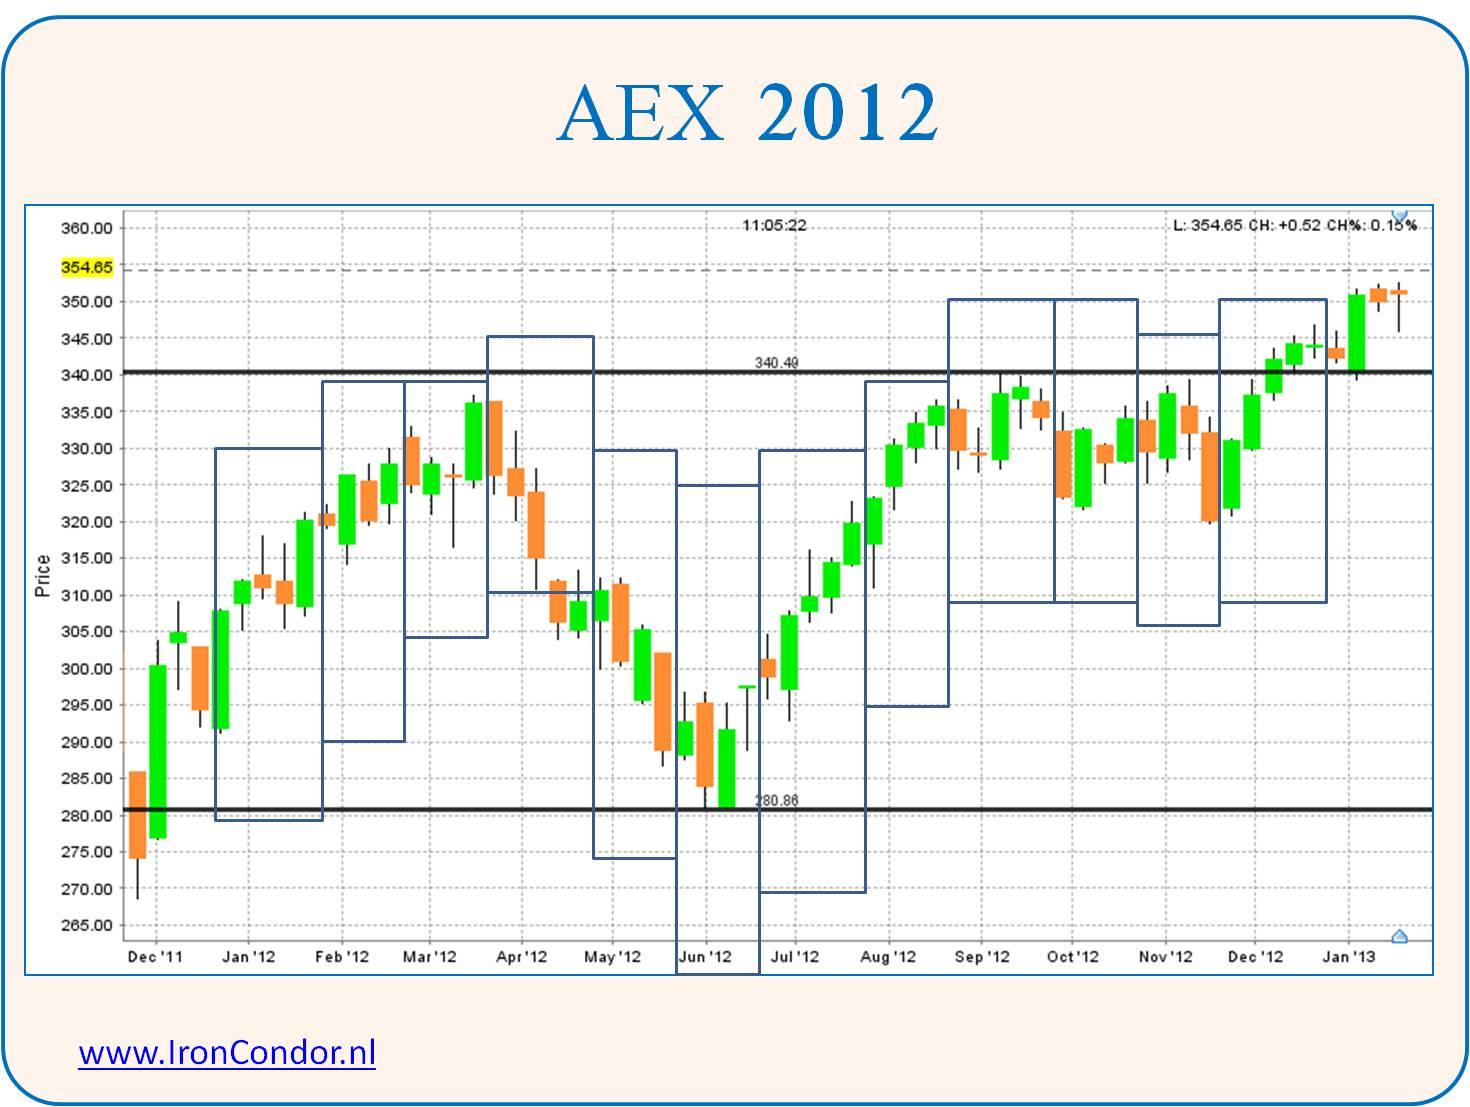 AEX 2012 met Iron Condor spreads